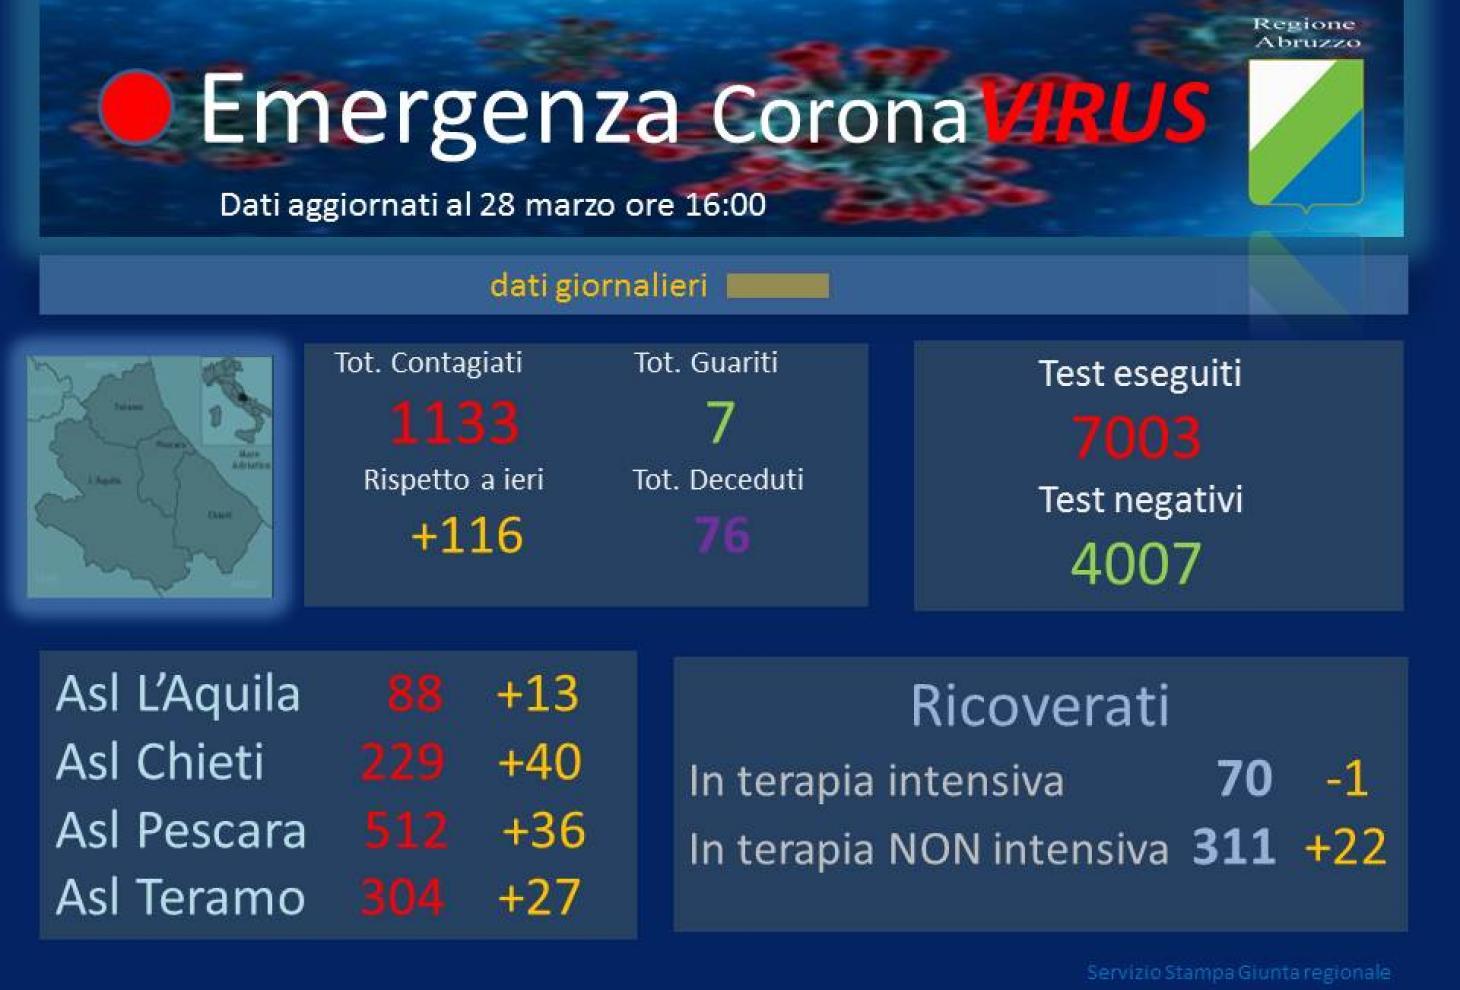 Coronavirus in Abruzzo, 116 nuovi casi rispetto a ieri, 13 fanno riferimento alla Asl Avezzano-Sulmona-L'Aquila